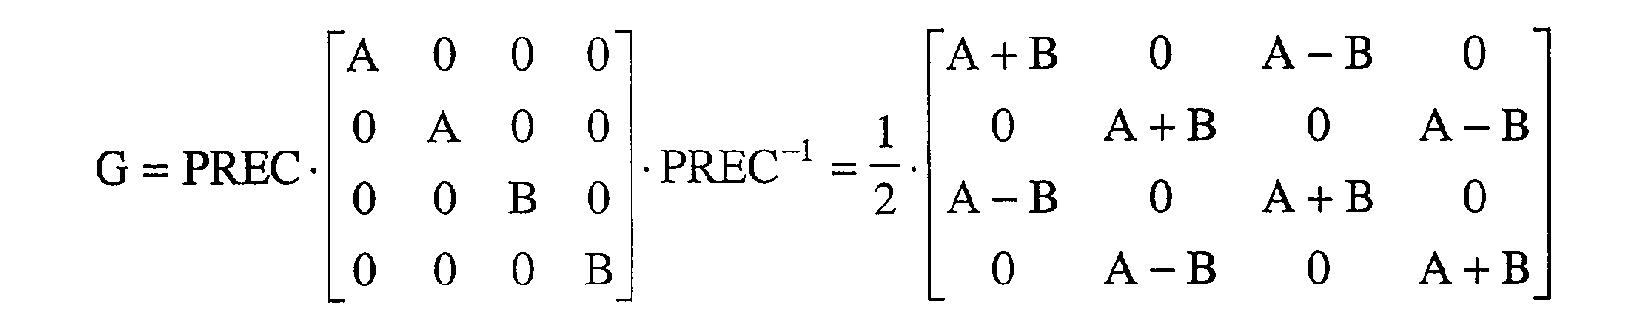 Figure img00160002